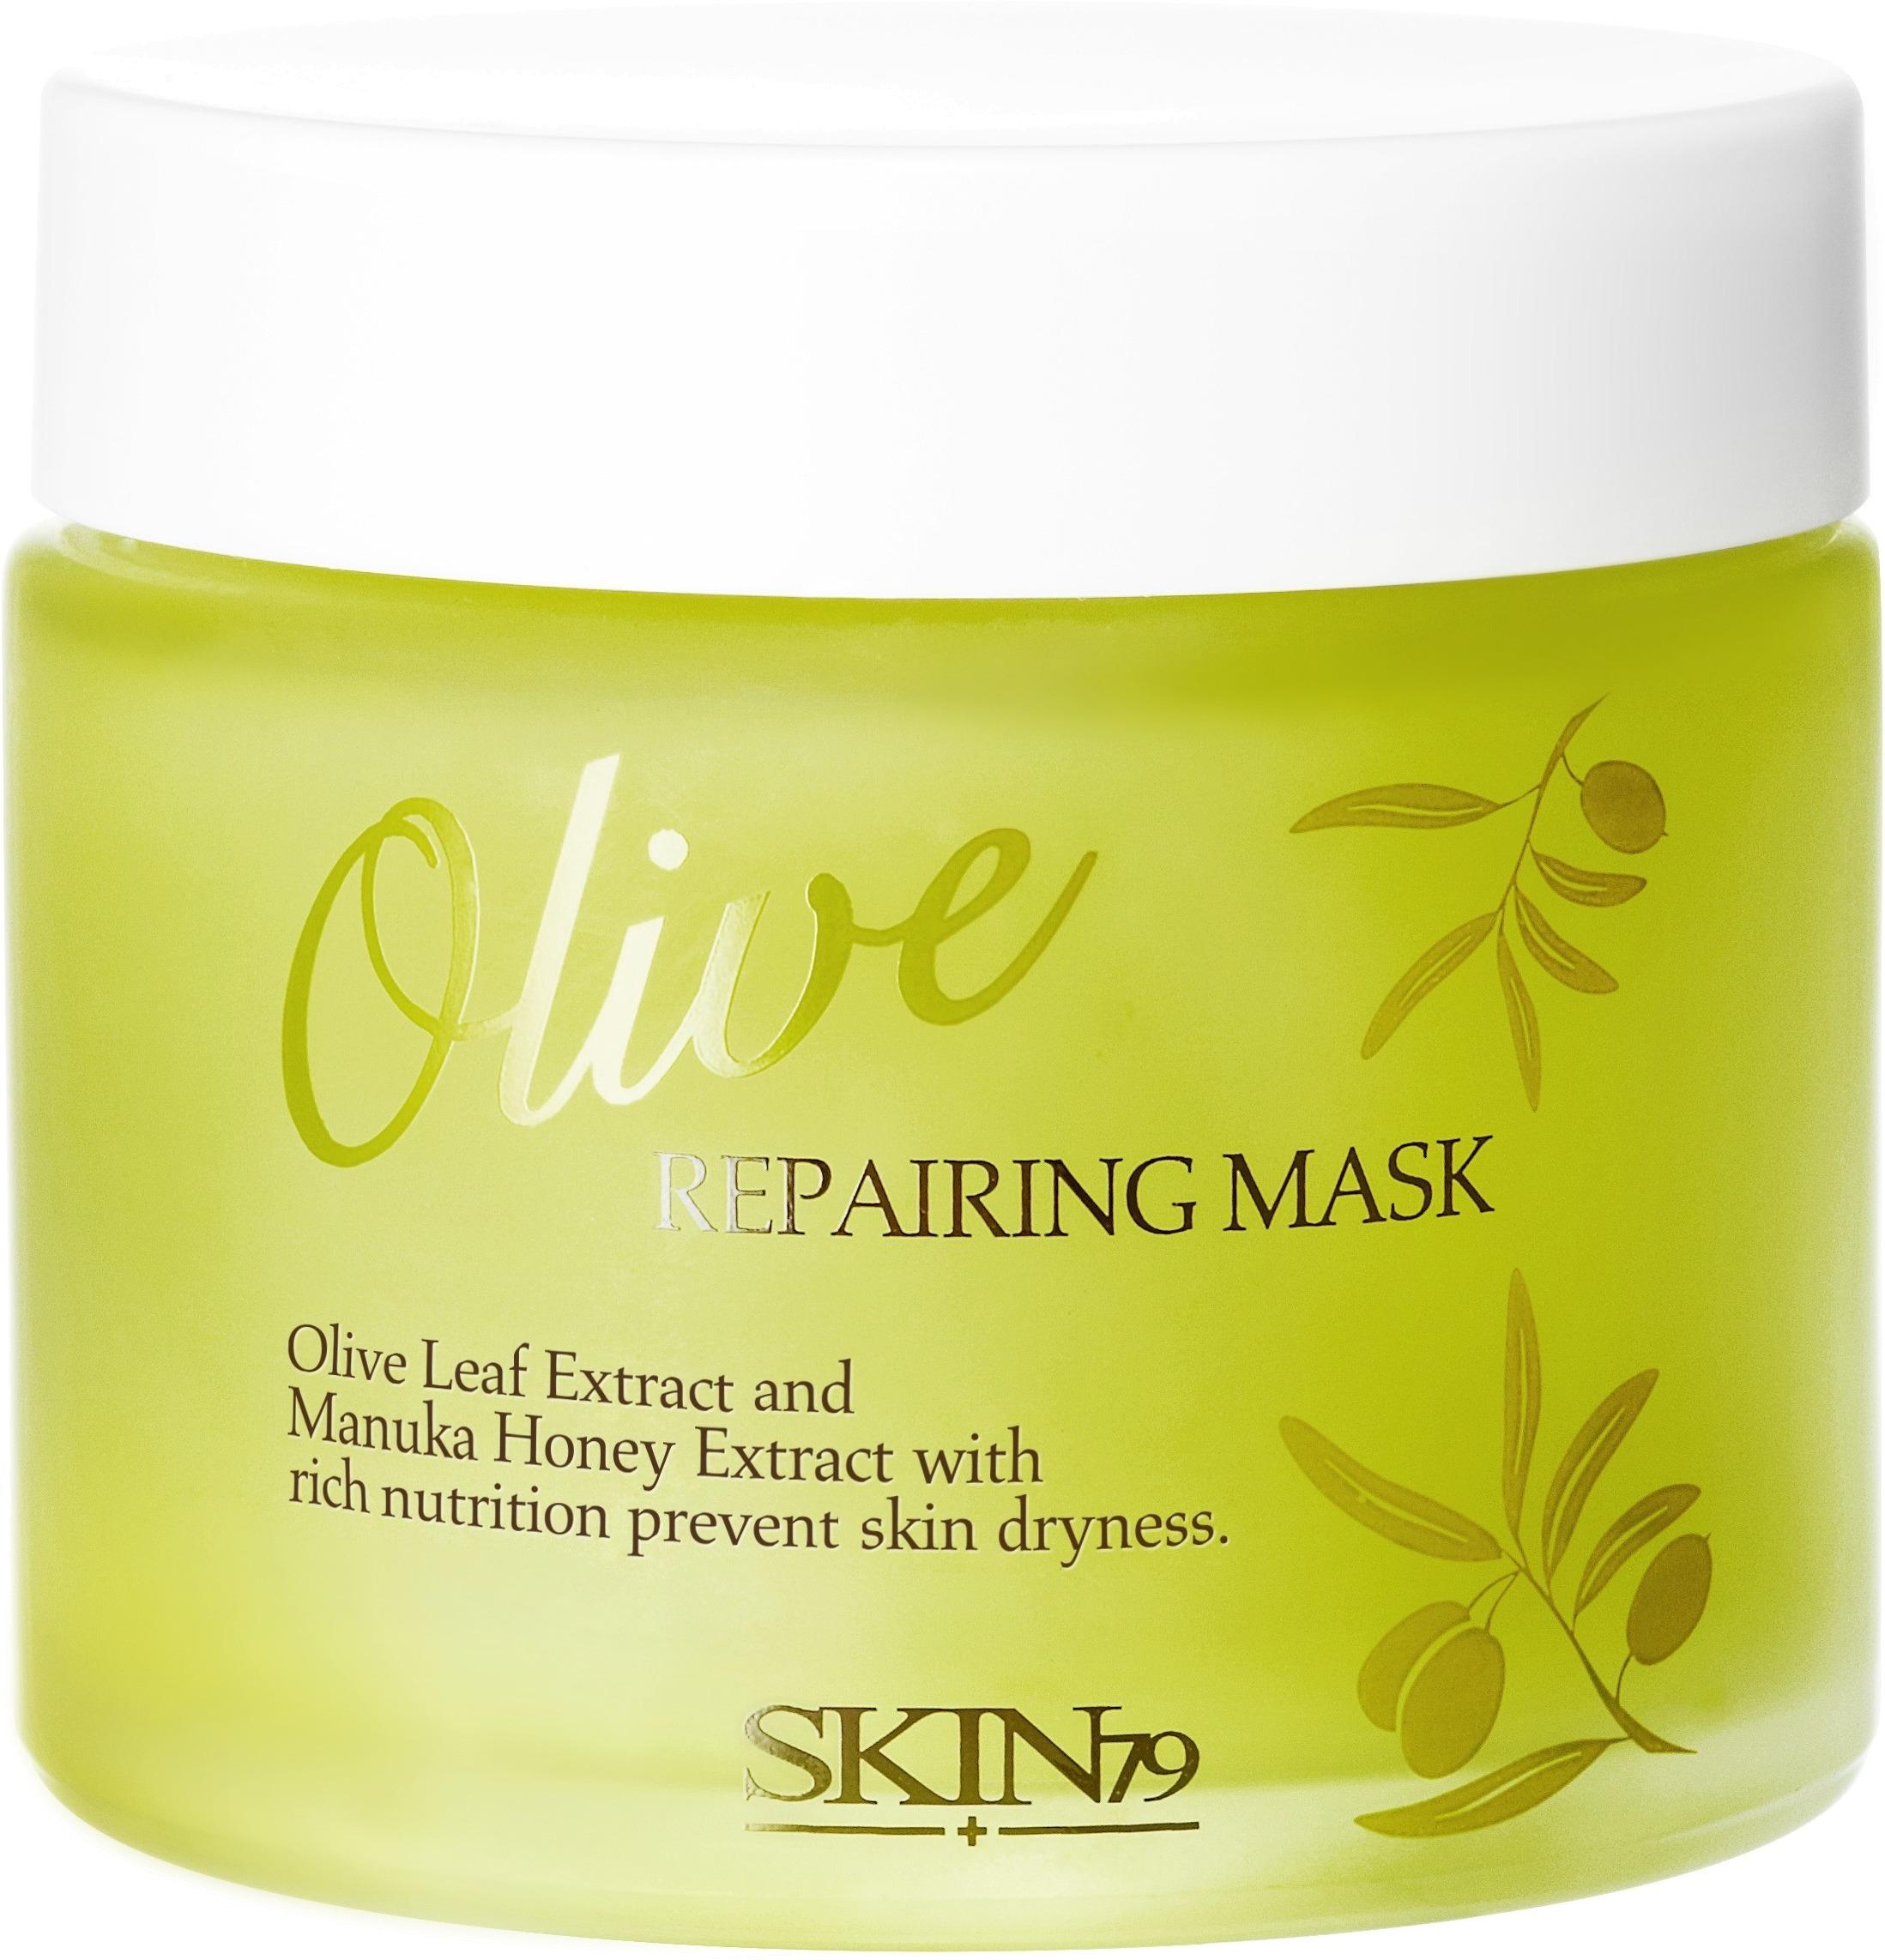 Skin Olive Repairing Mask.